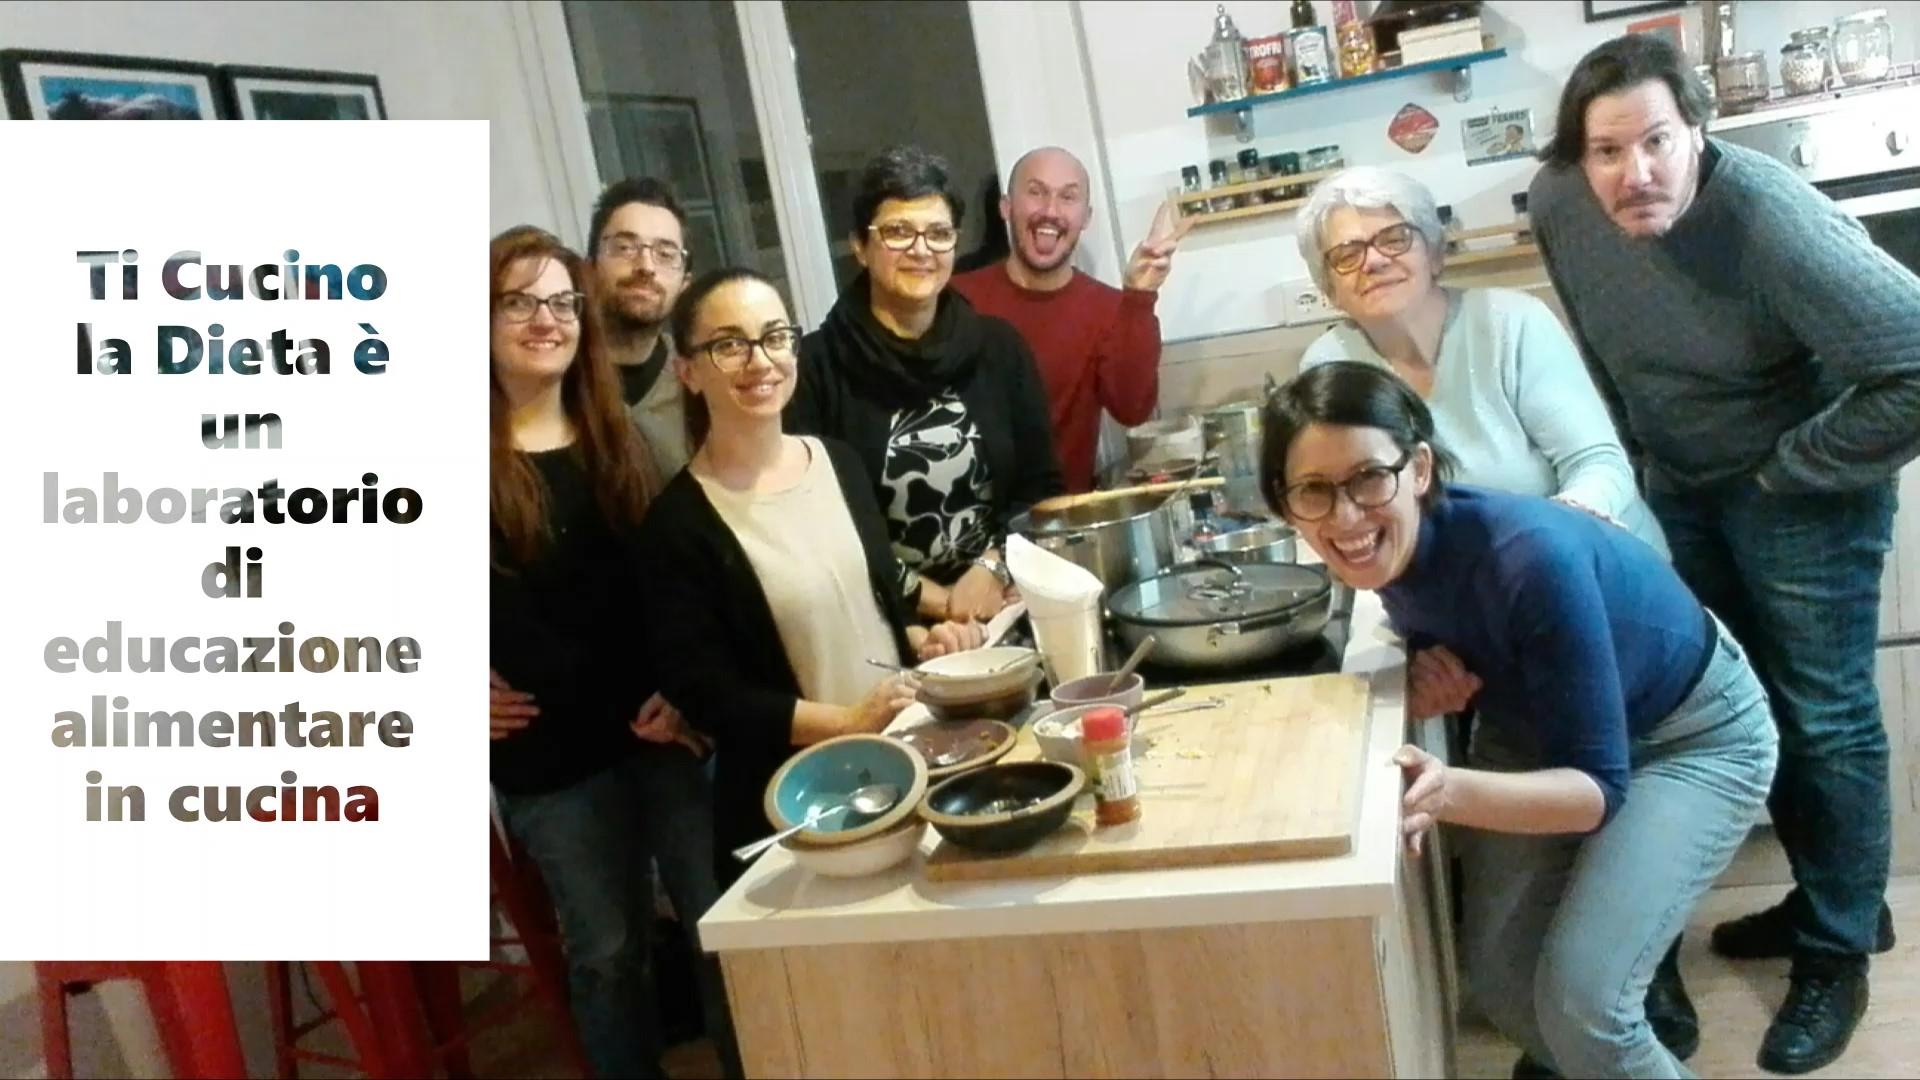 partecipanti ad un laboratorio di educazione alimentare in cucina